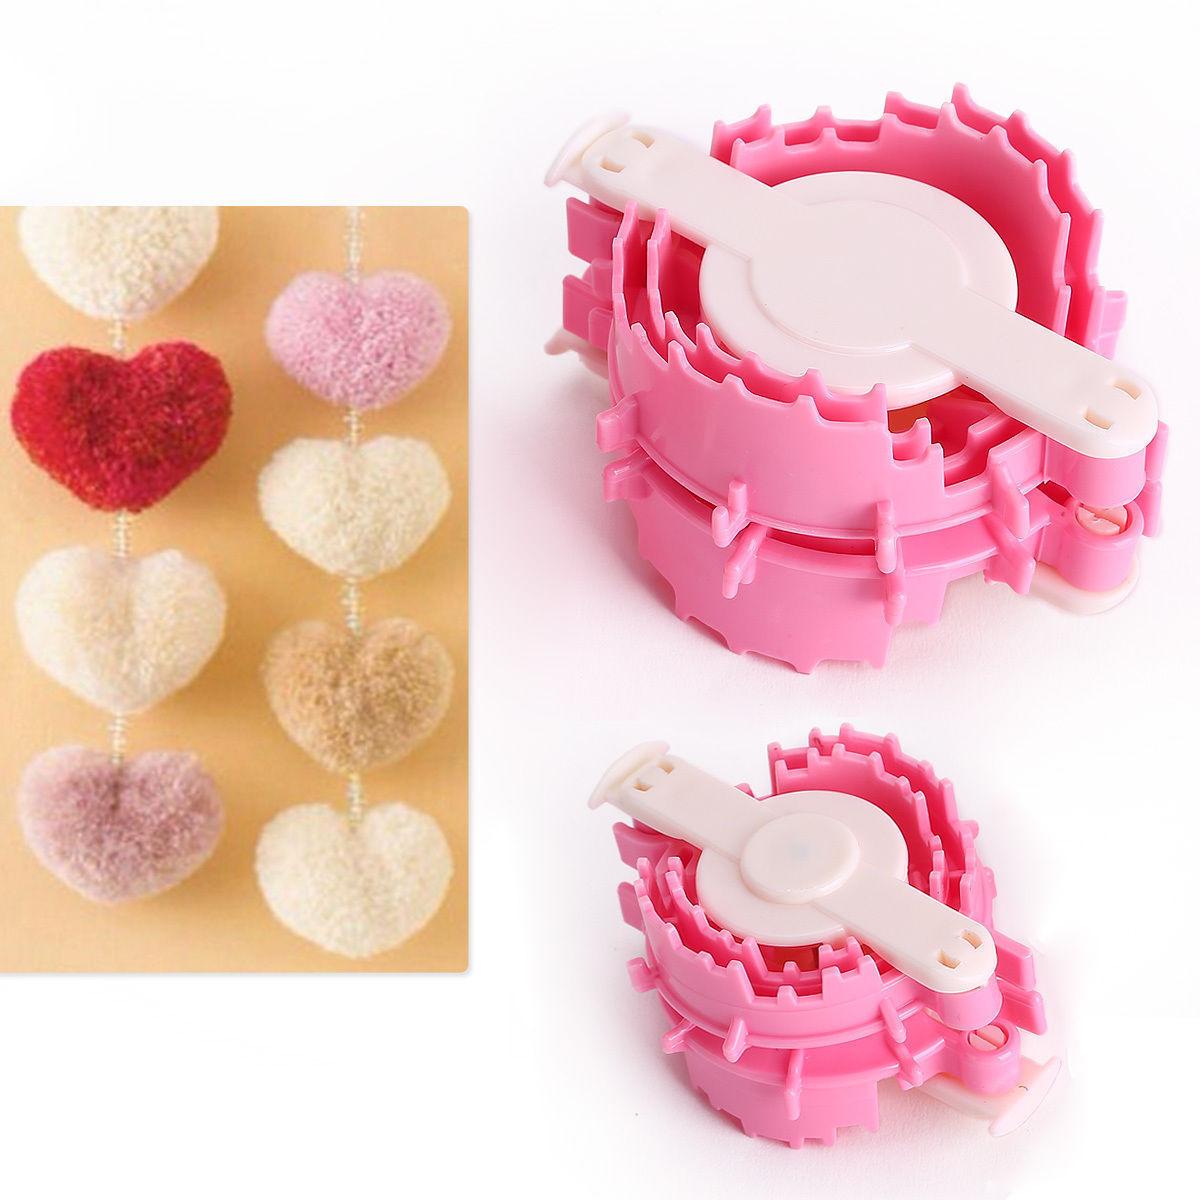 2 piezas con forma de corazón herramienta para hacer pompones bola de pelusa Weaver tejido de bebé herramienta pequeña + grande Z07 Drop Shipping